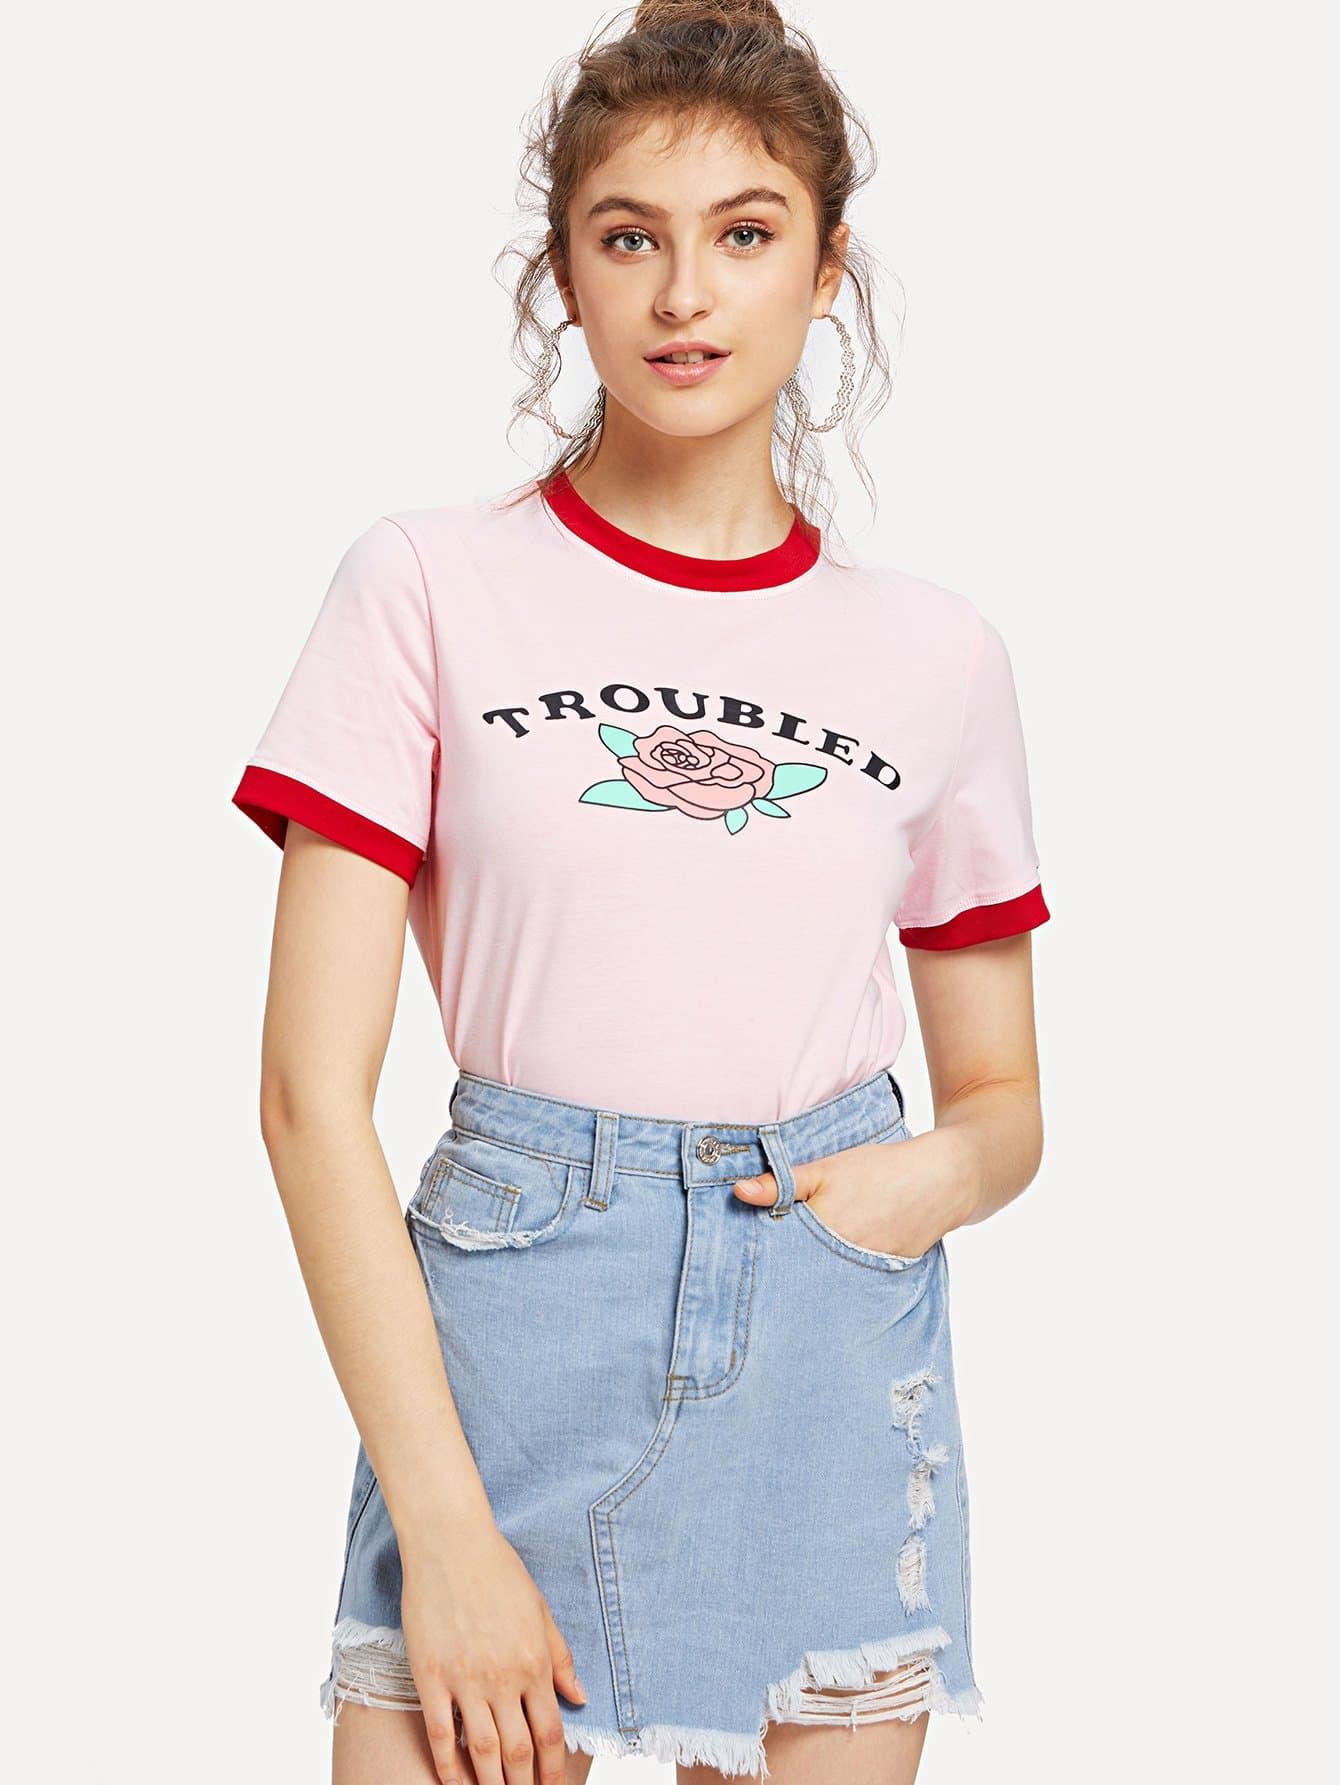 Letter and Flower Print Ringer T-shirt redfox футболка flower t 42 4300 желтый